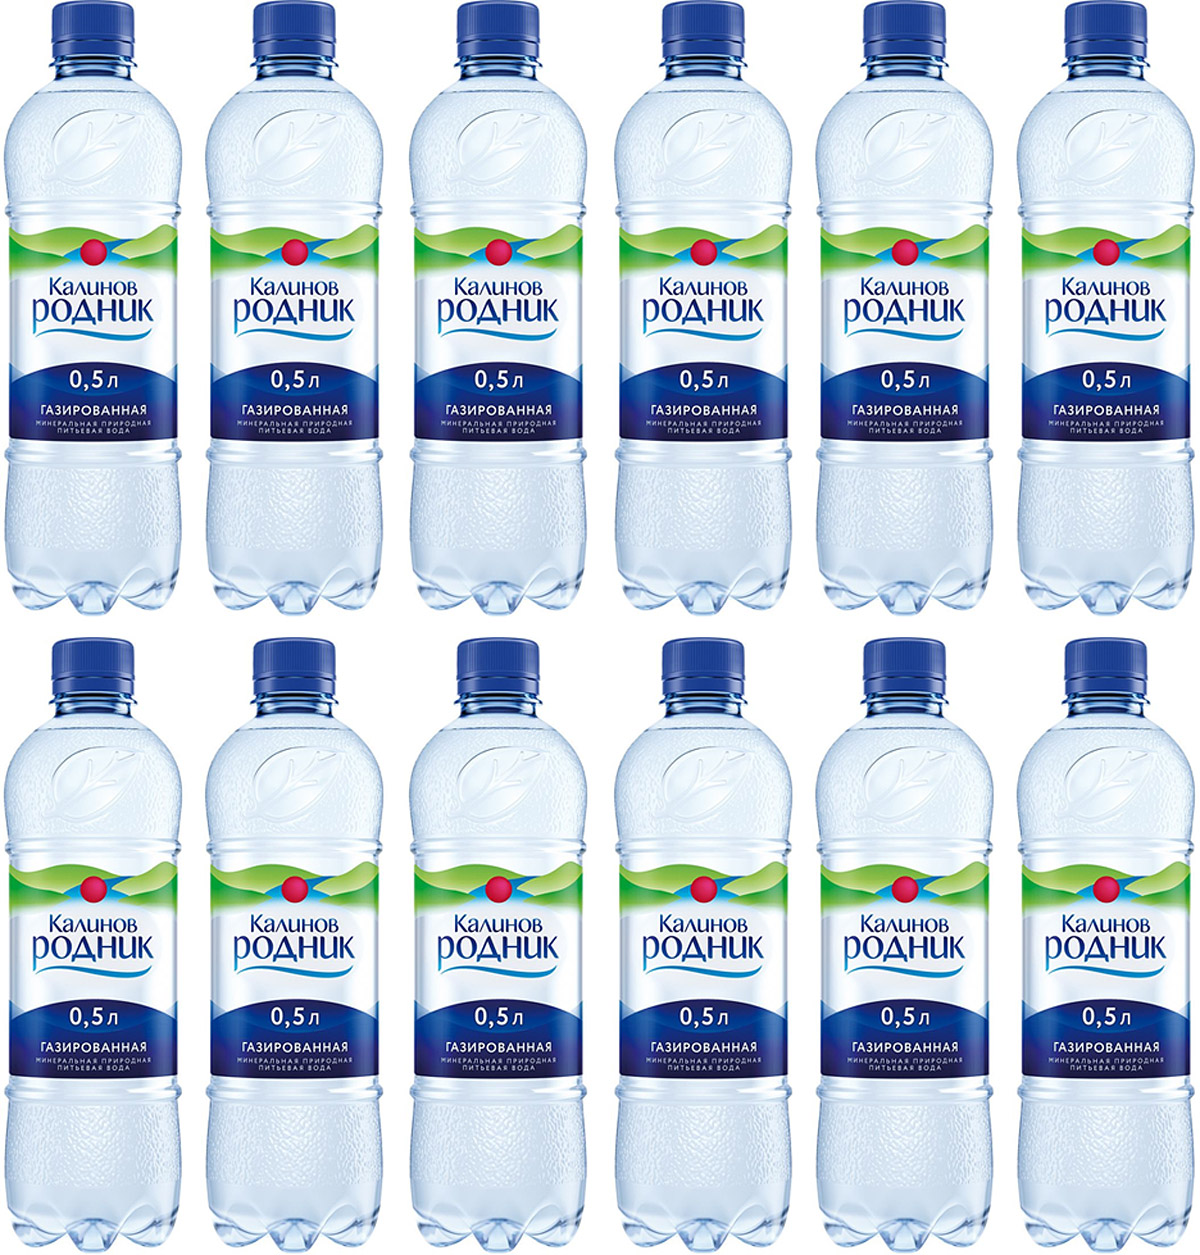 Калинов Родник минеральная питьевая газированная вода, 12 шт по 0,5 л калинов родник питьевая артезианская негазированная вода 9 л